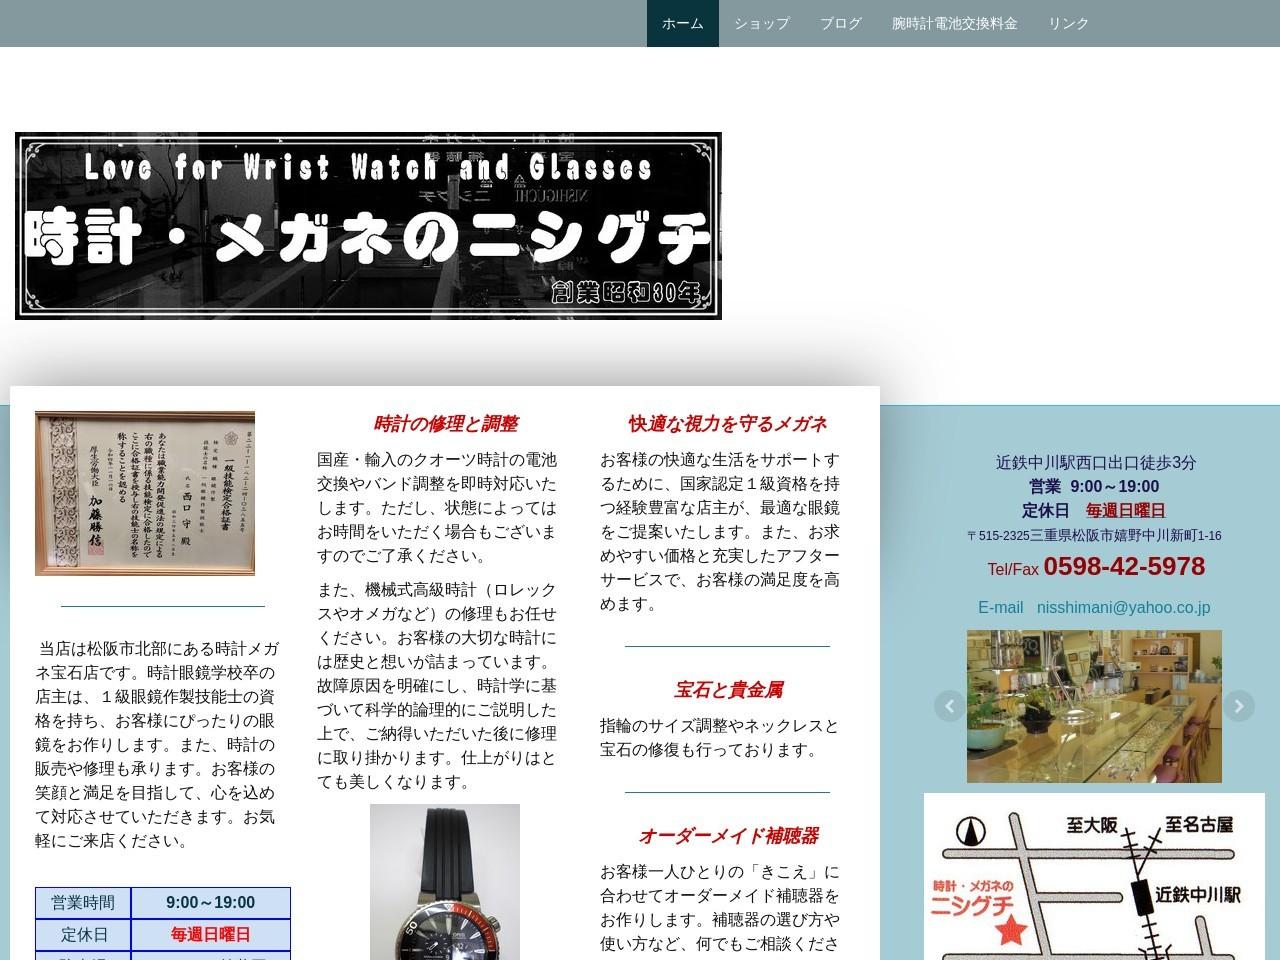 松阪の時計メガネ店 - 時計・メガネのニシグチ